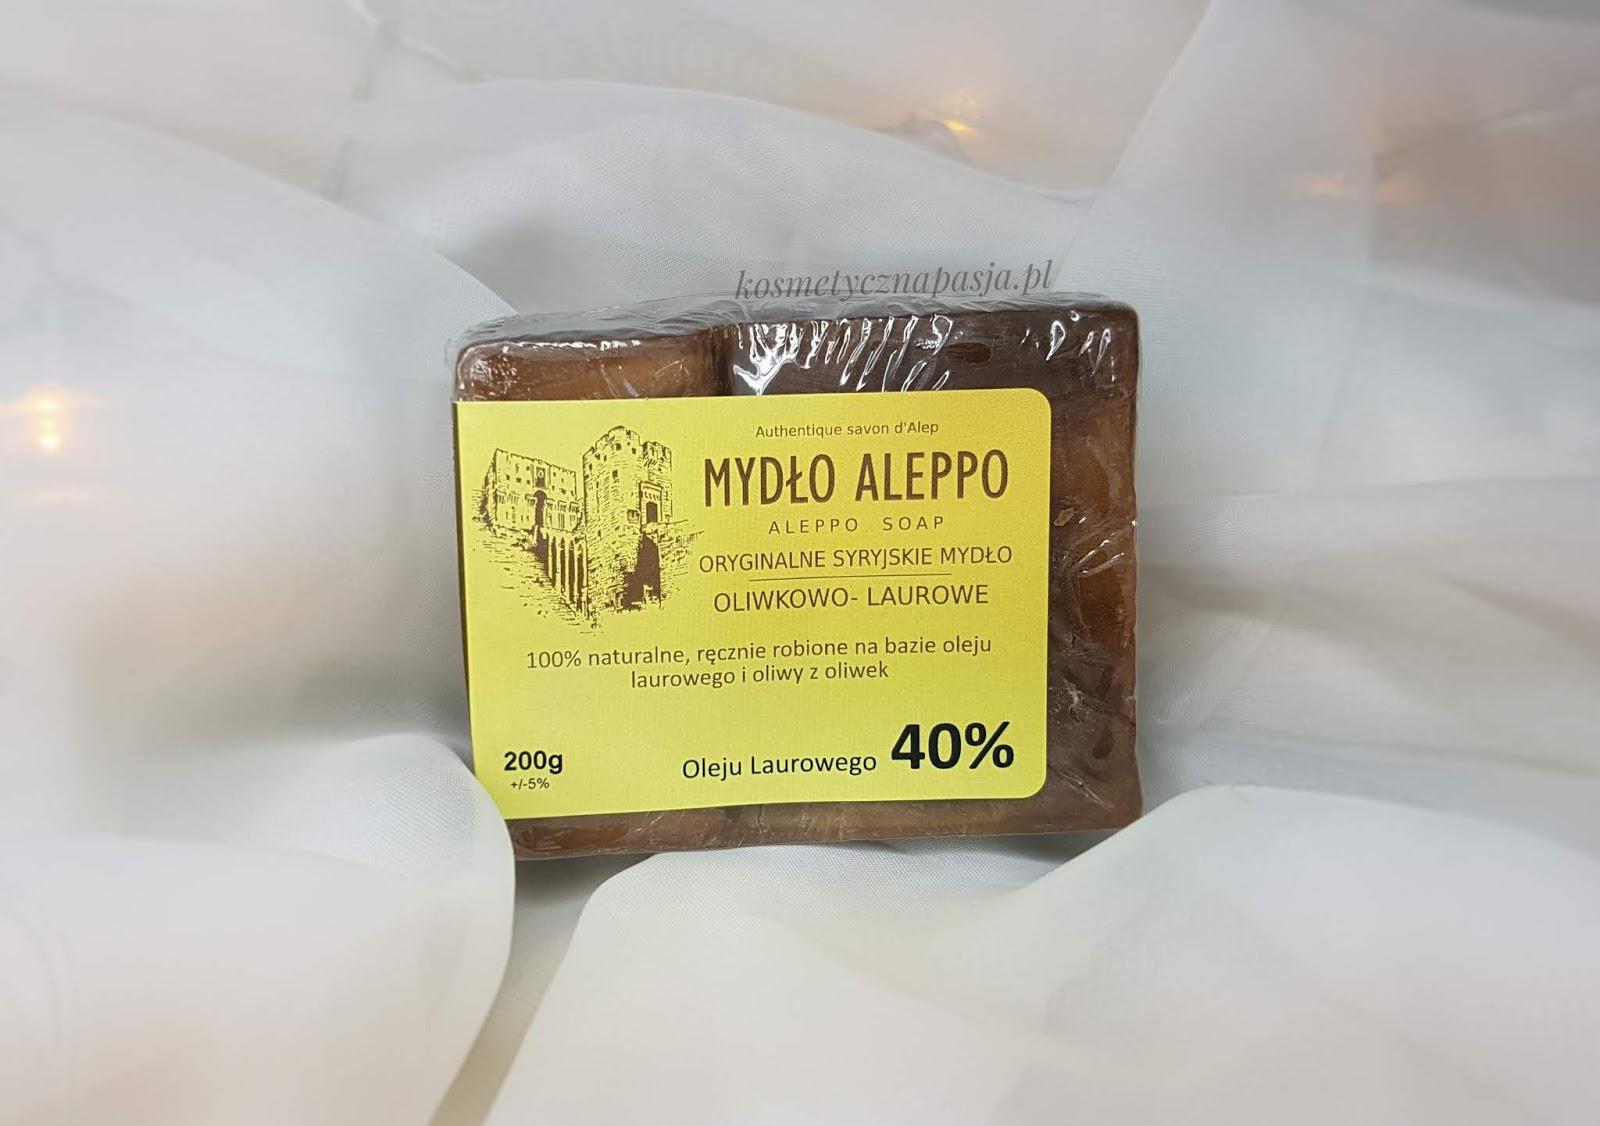 Alleppo sposobem na pielęgnację skóry